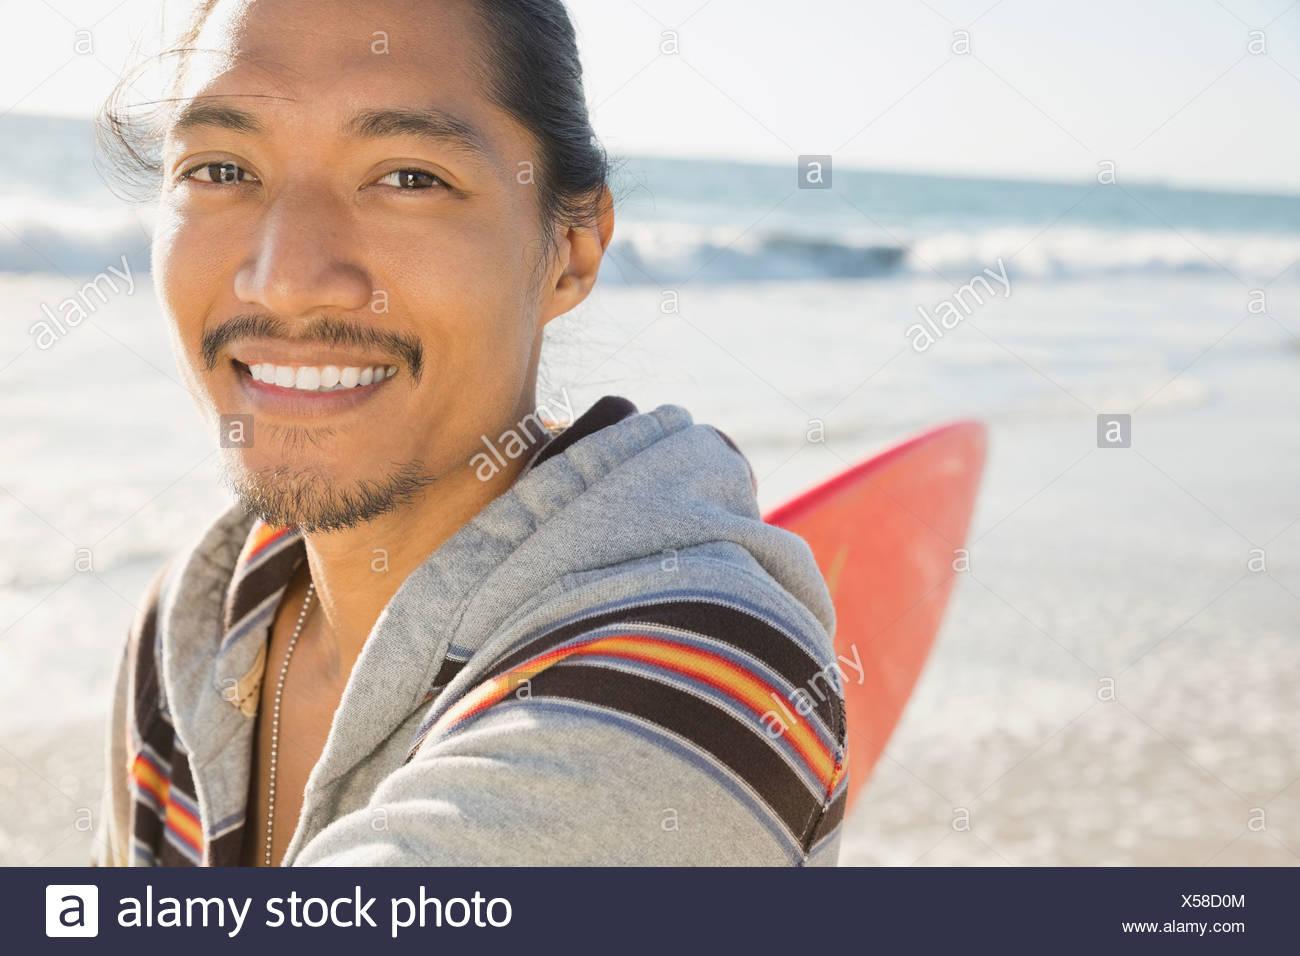 Porträt von männlichen Surfer am Strand Stockbild